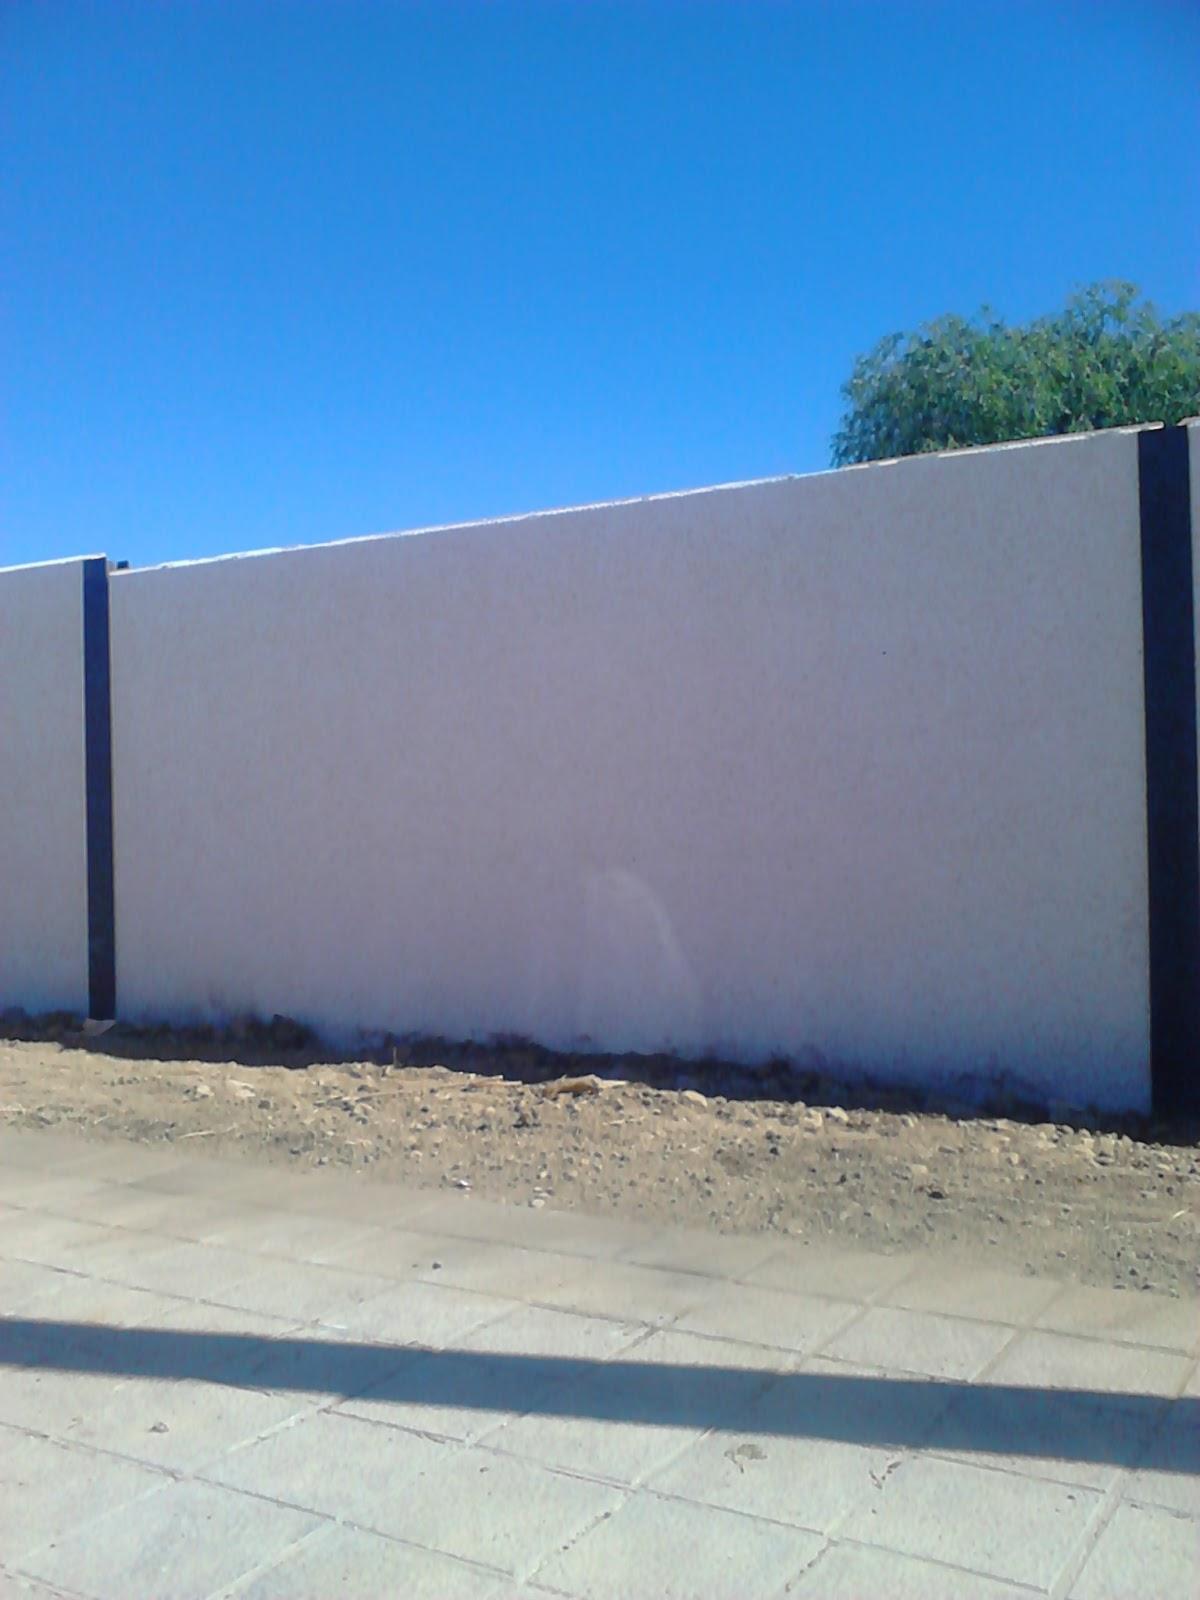 Placas de hormigon para muros materiales de construcci n para la reparaci n - Muros de hormigon ...